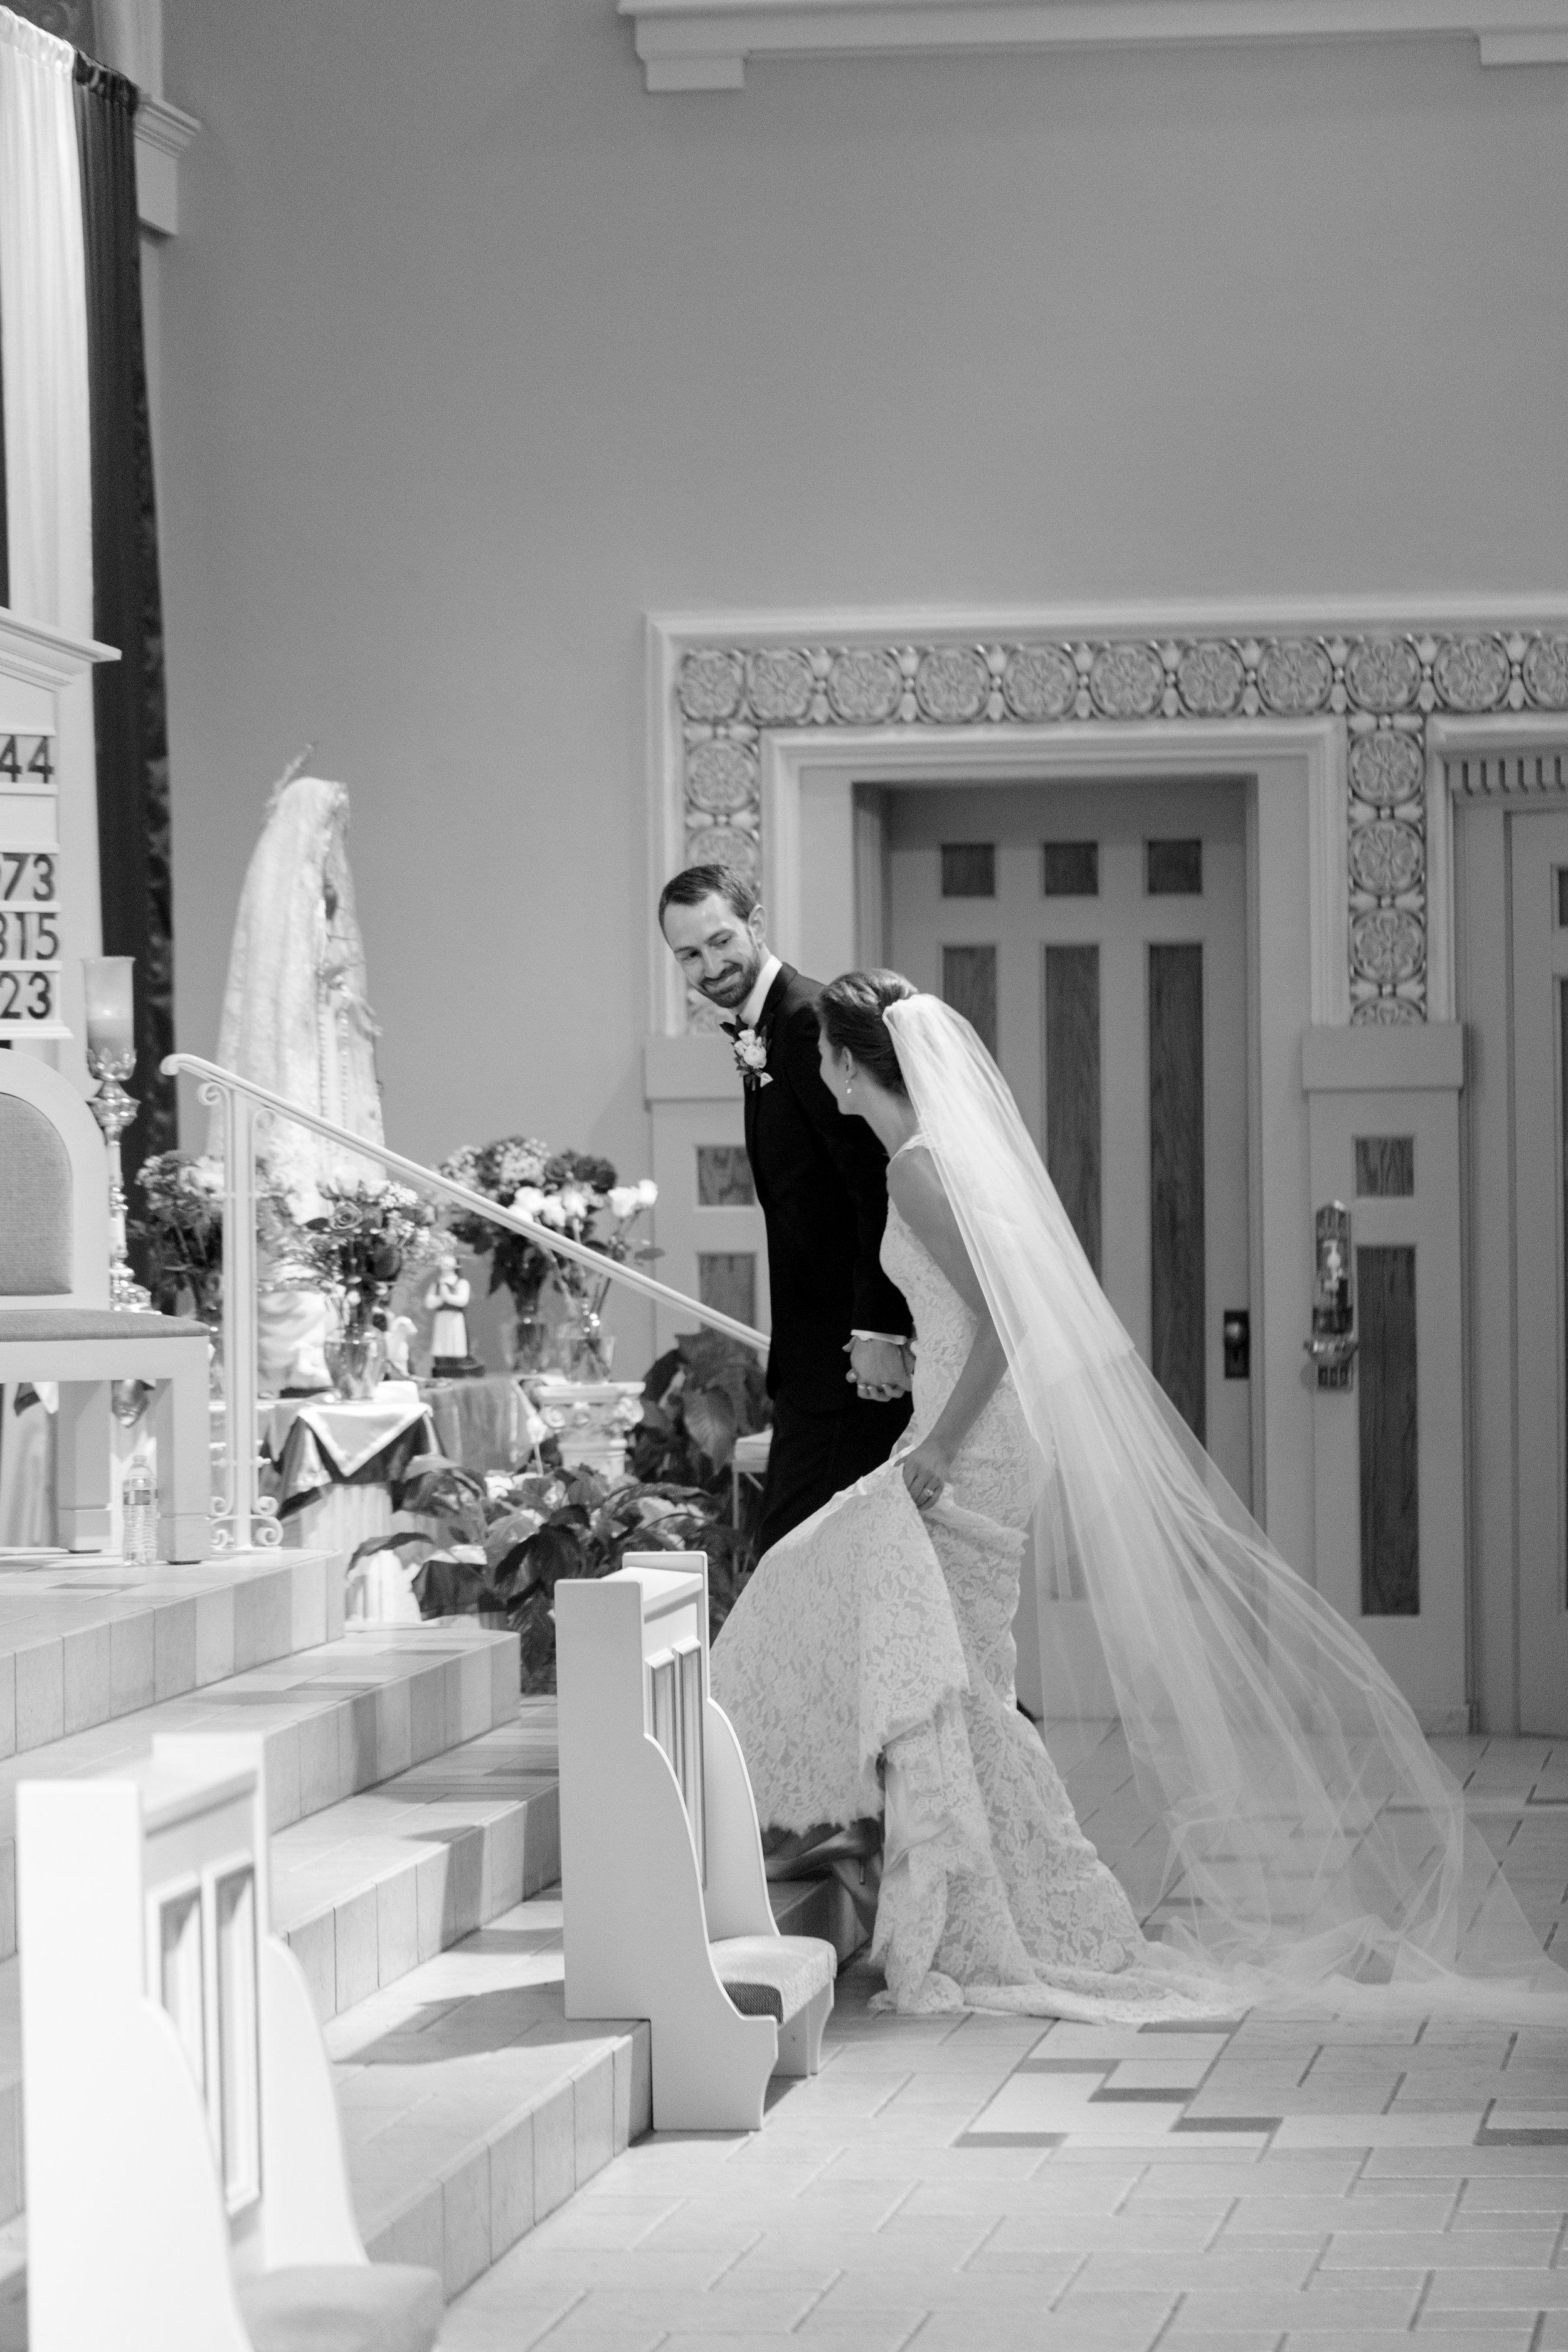 摄影师:杰克逊:——————埃伦,和克莱尔·埃弗里和朱丽叶·埃弗里的照片